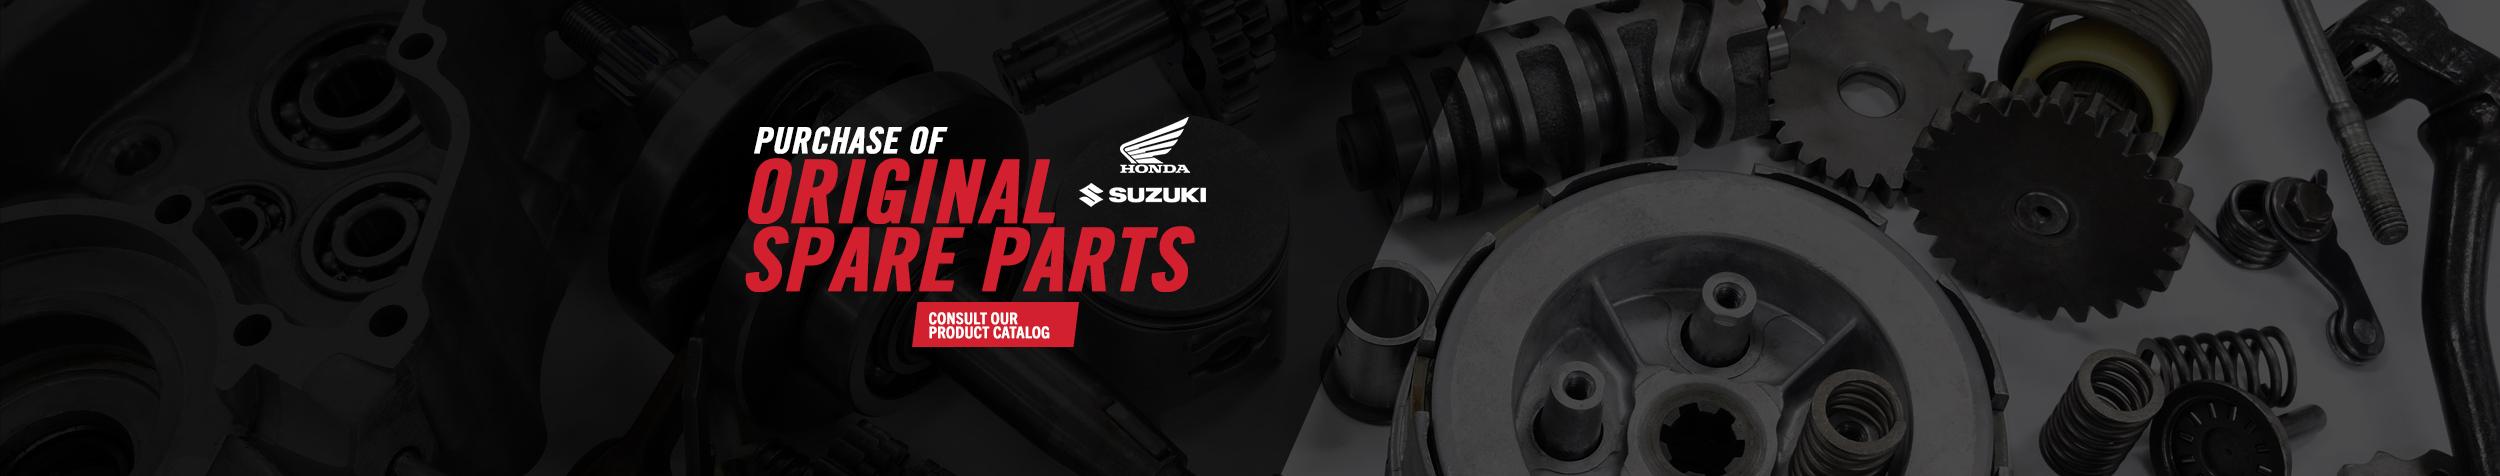 Purchase Honda or Suzuki parts